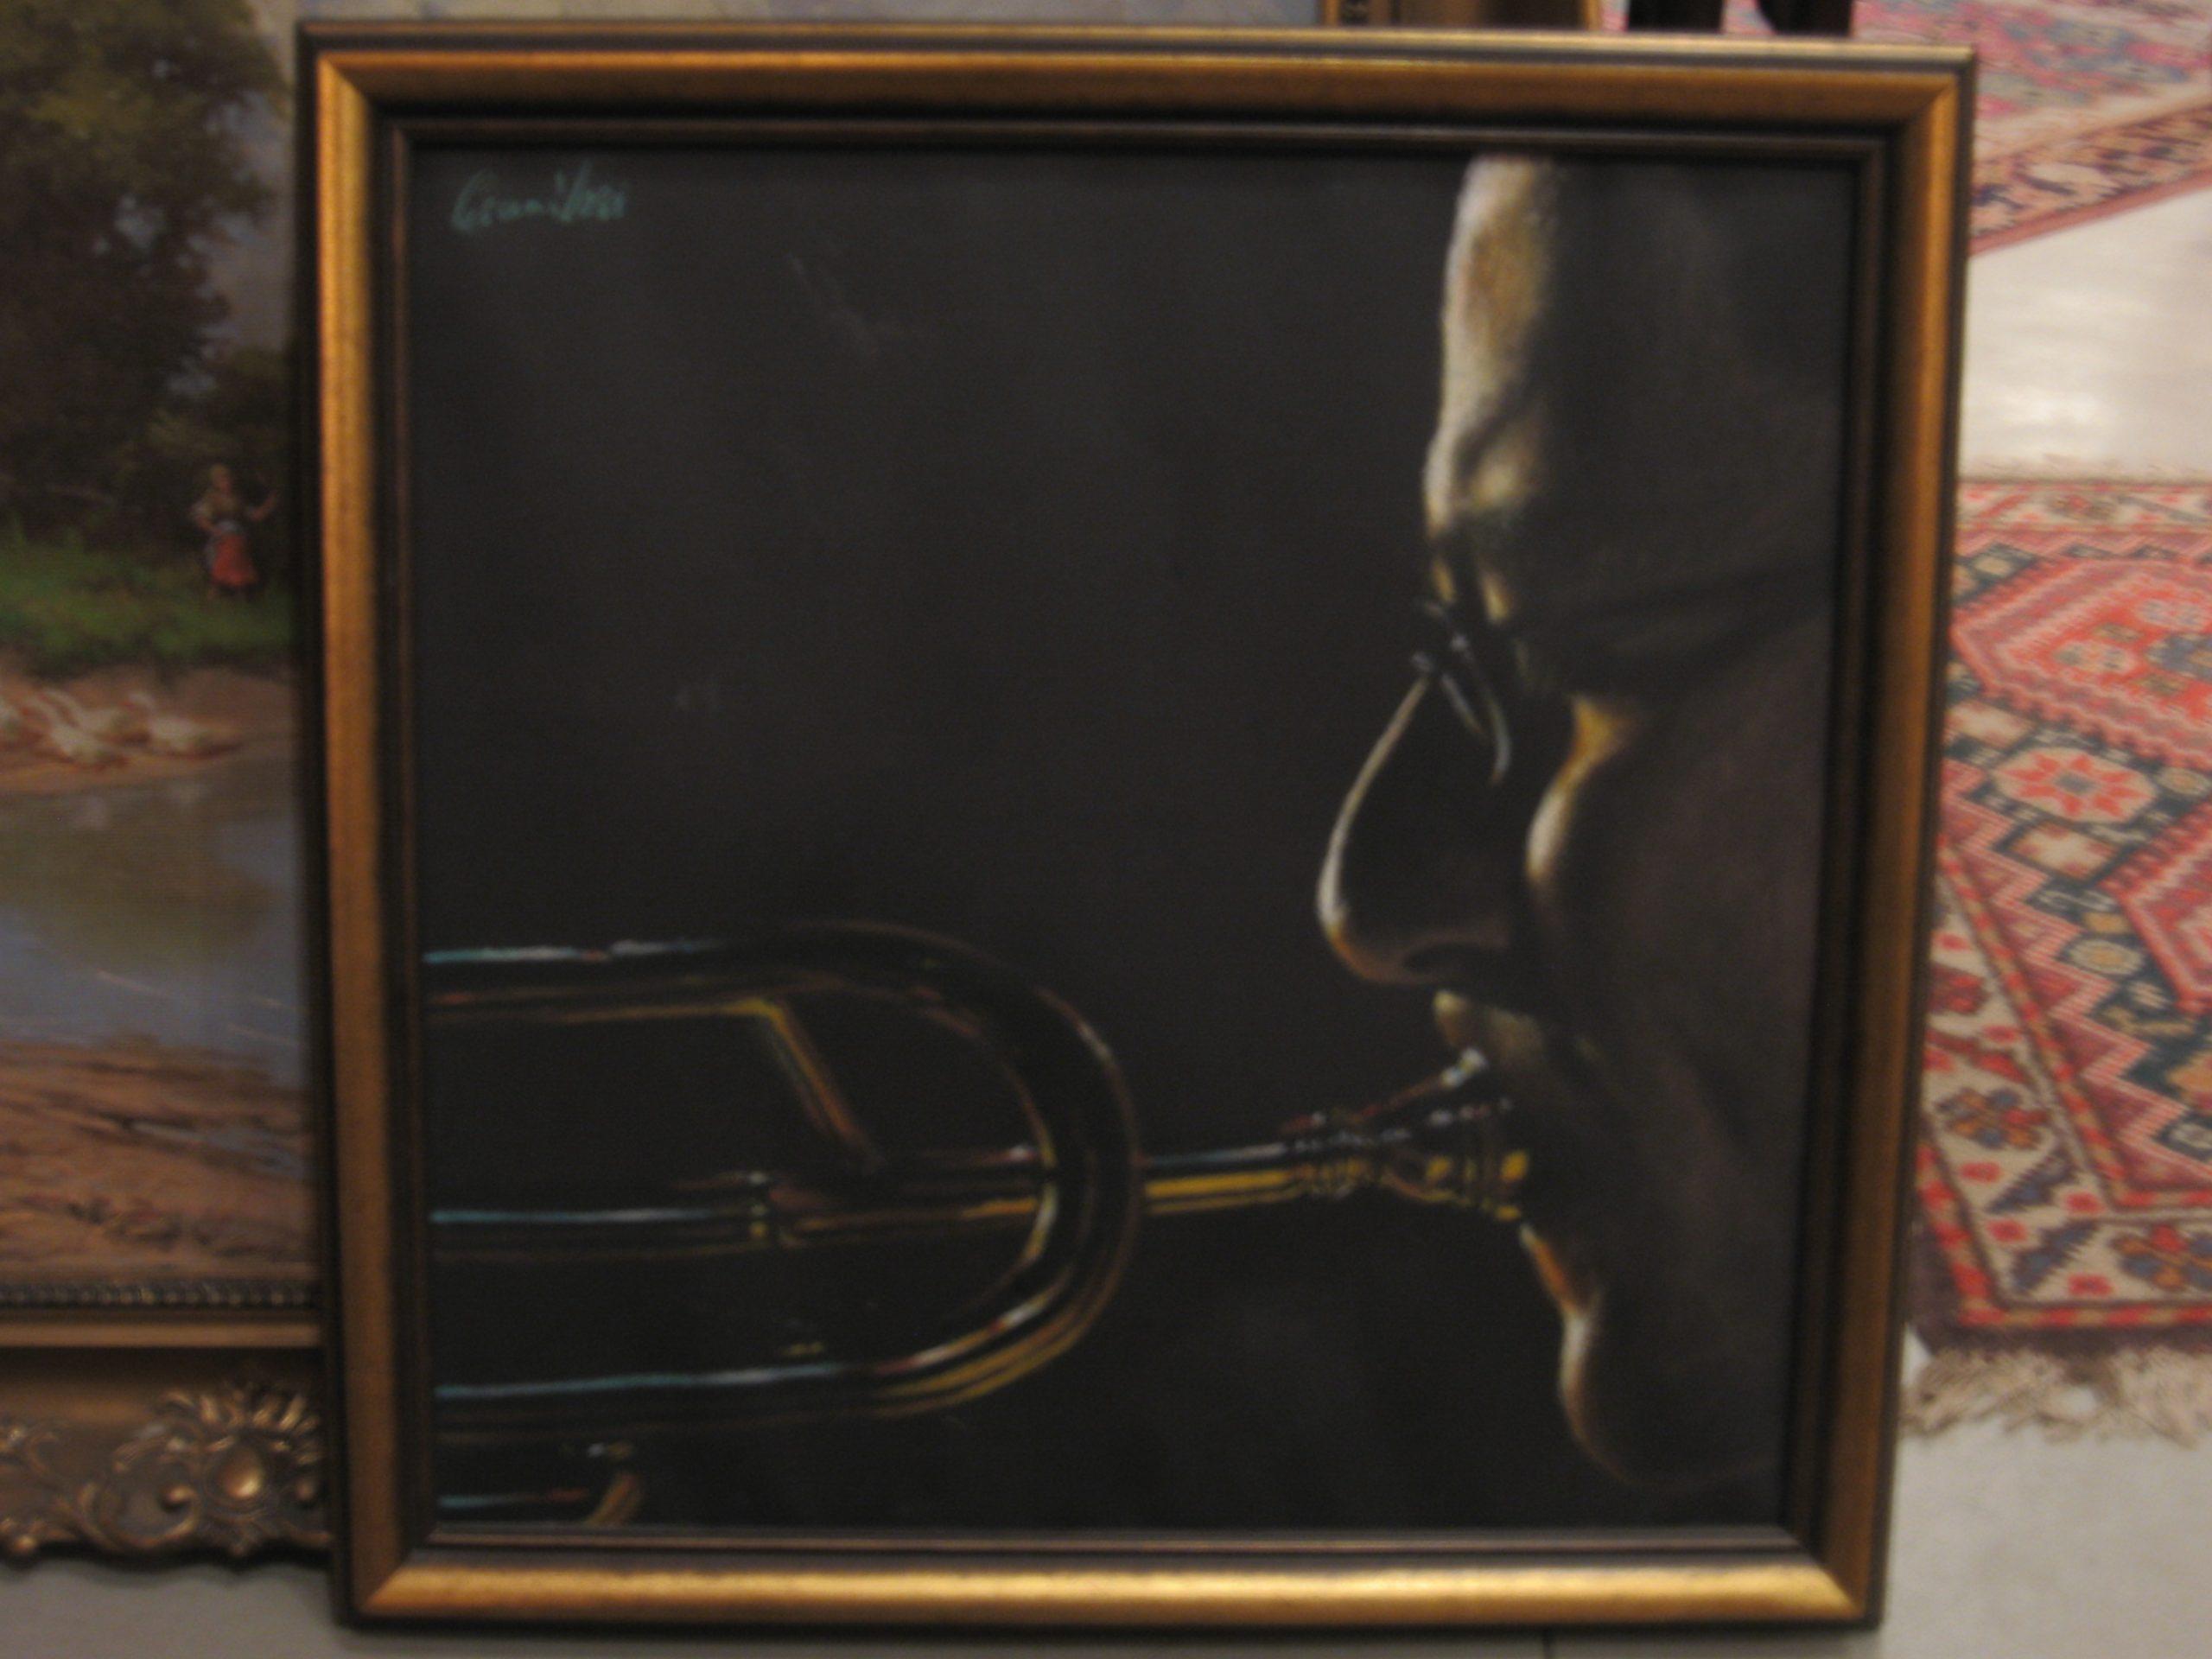 Csanálosi-Tibor-Zenésztanulmány-Trombitás_50×70